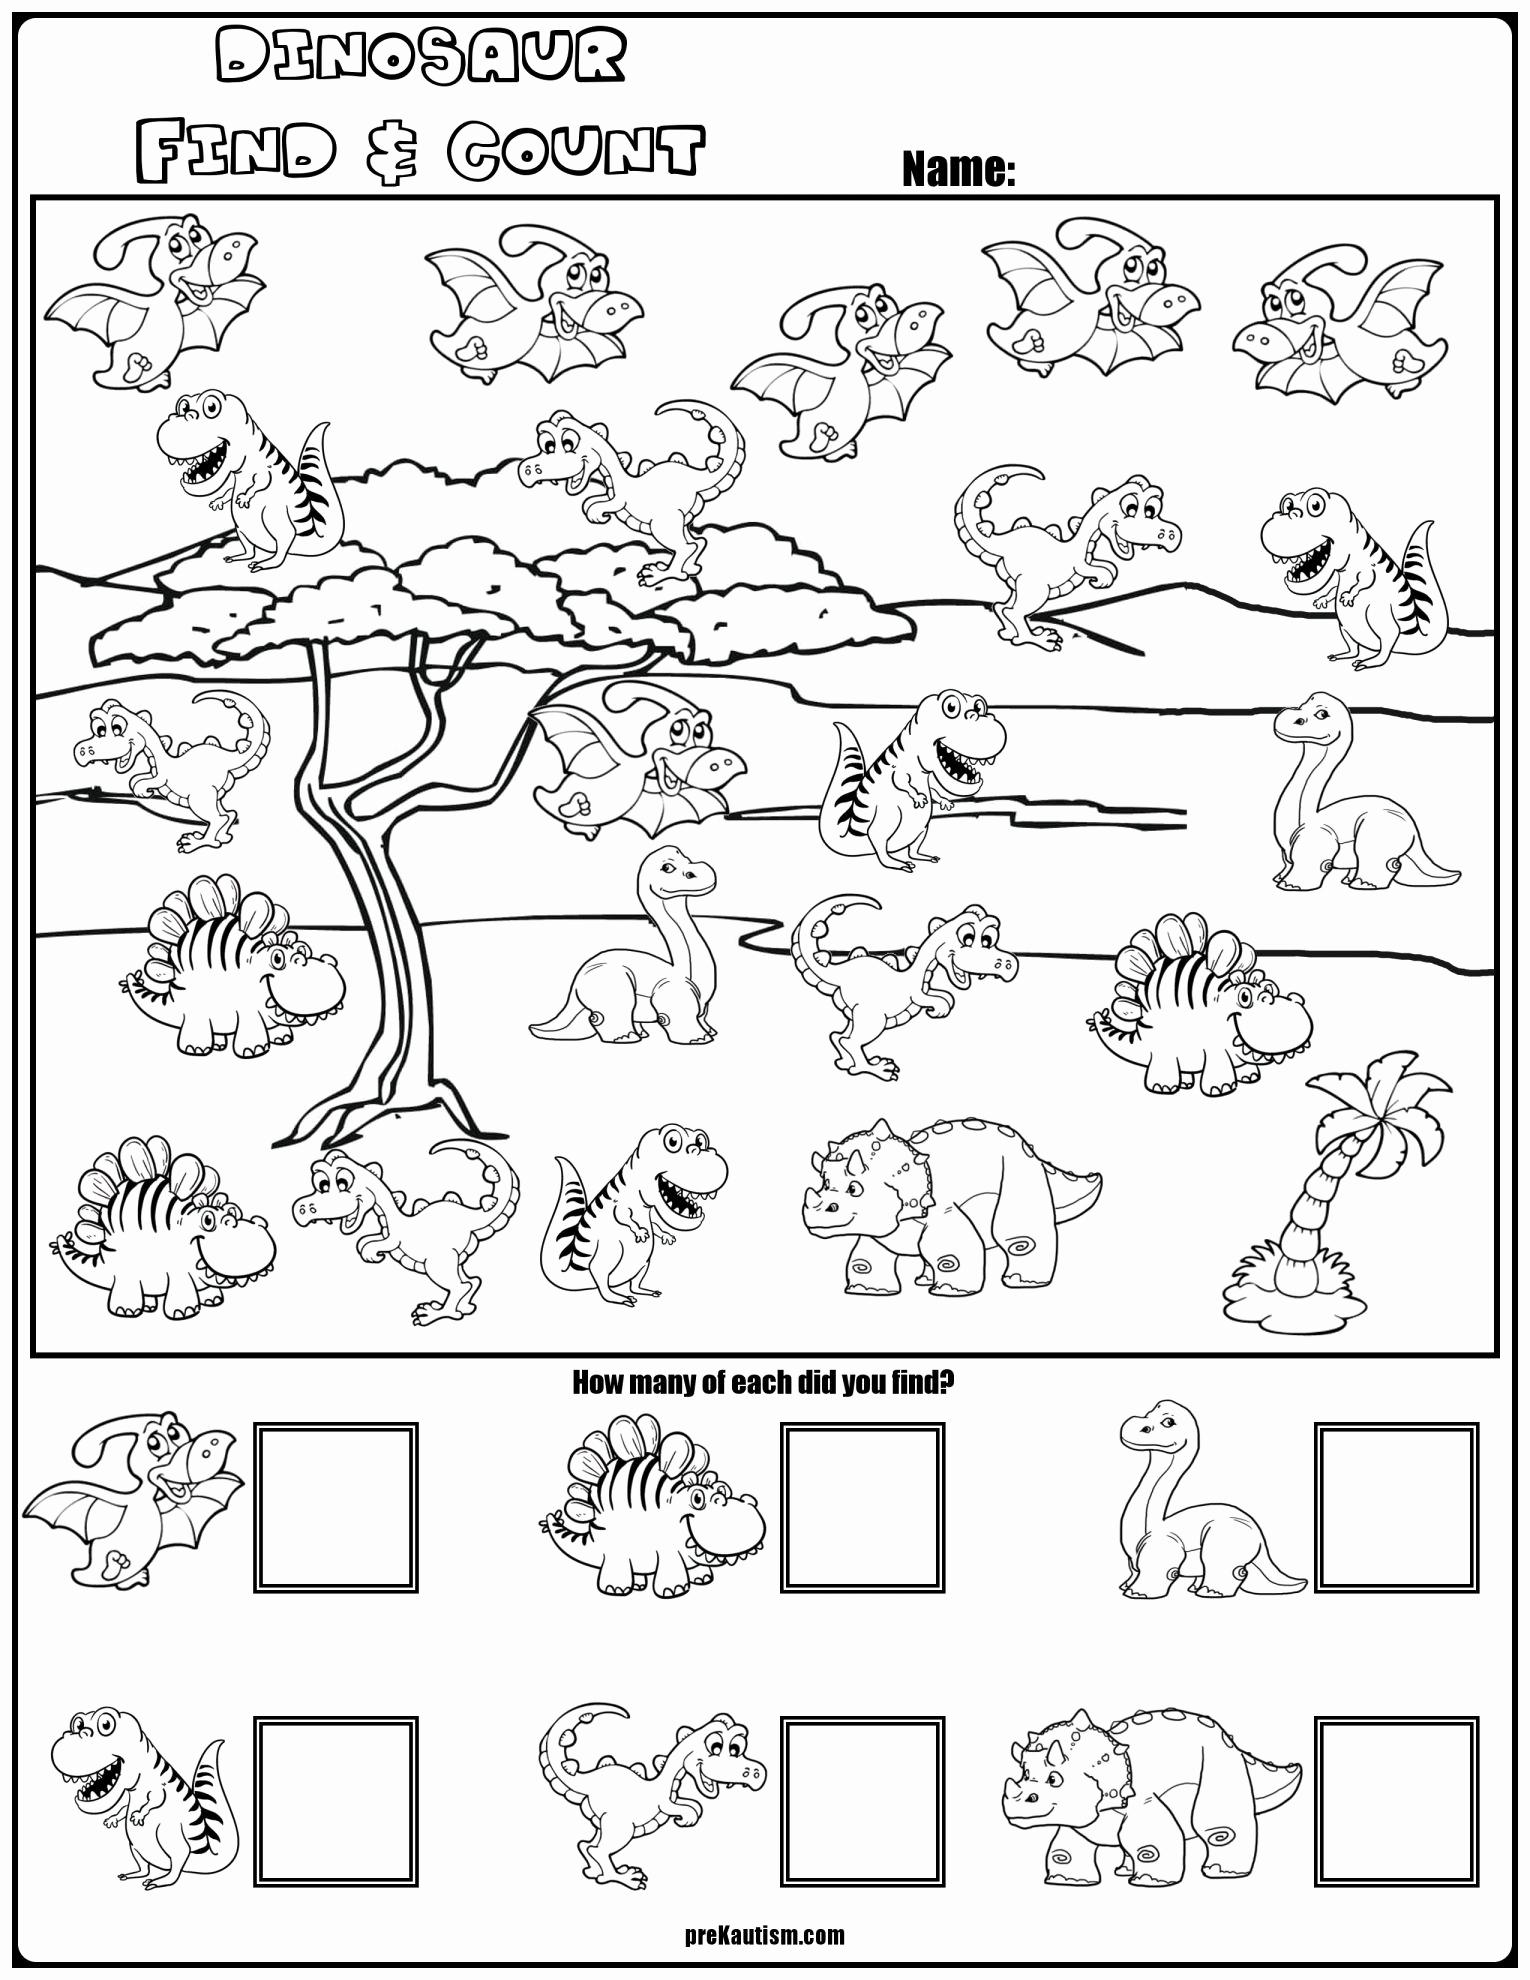 Dinosaur Worksheets for Kindergarten Unique Dinosaurs Worksheet Kindergarten and Find & Count Dinosaur